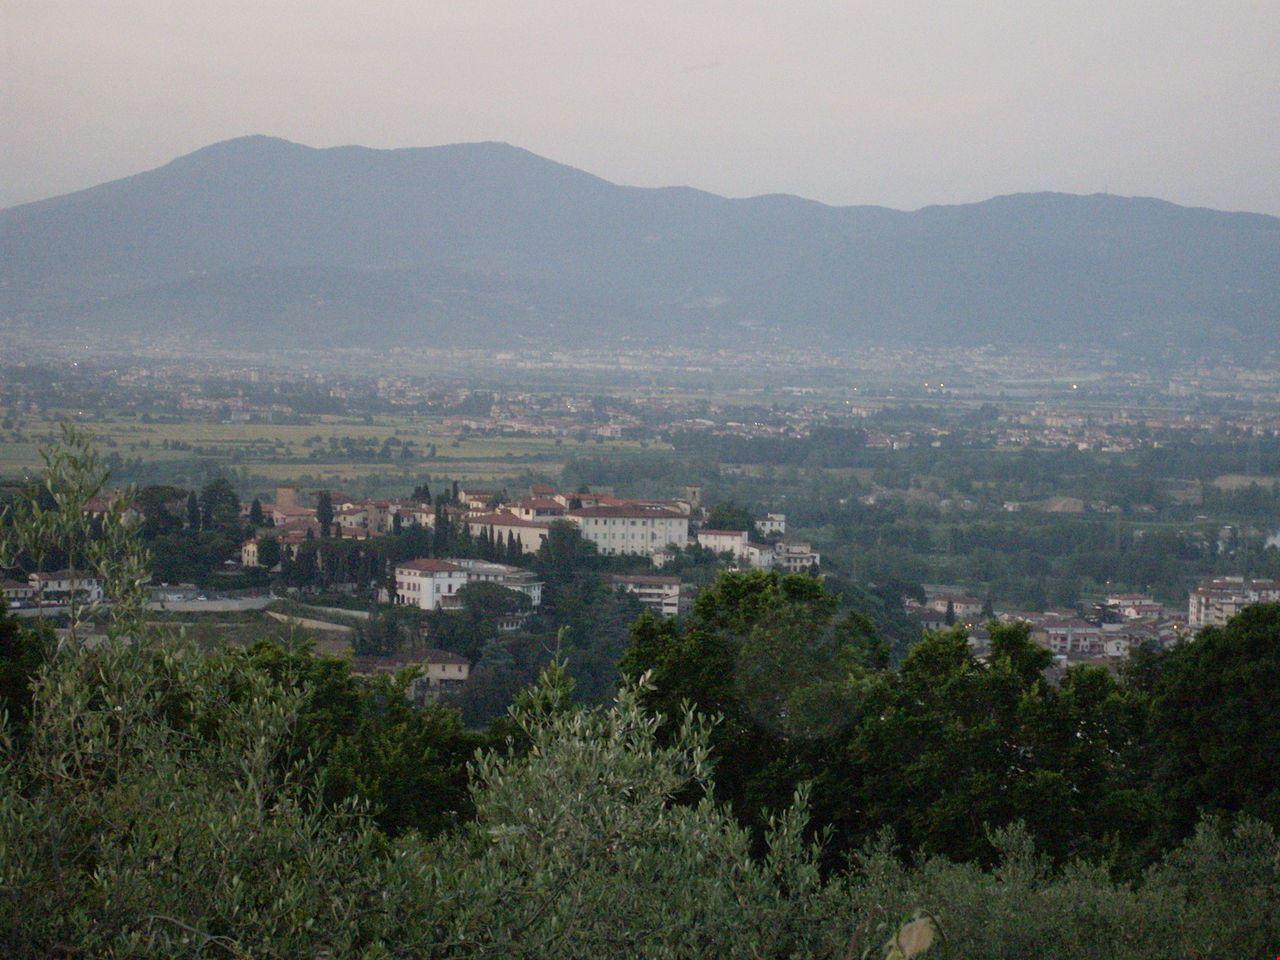 1280px-Veduta_del_Castello_di_Signa_da_Villa_Bellosguardo